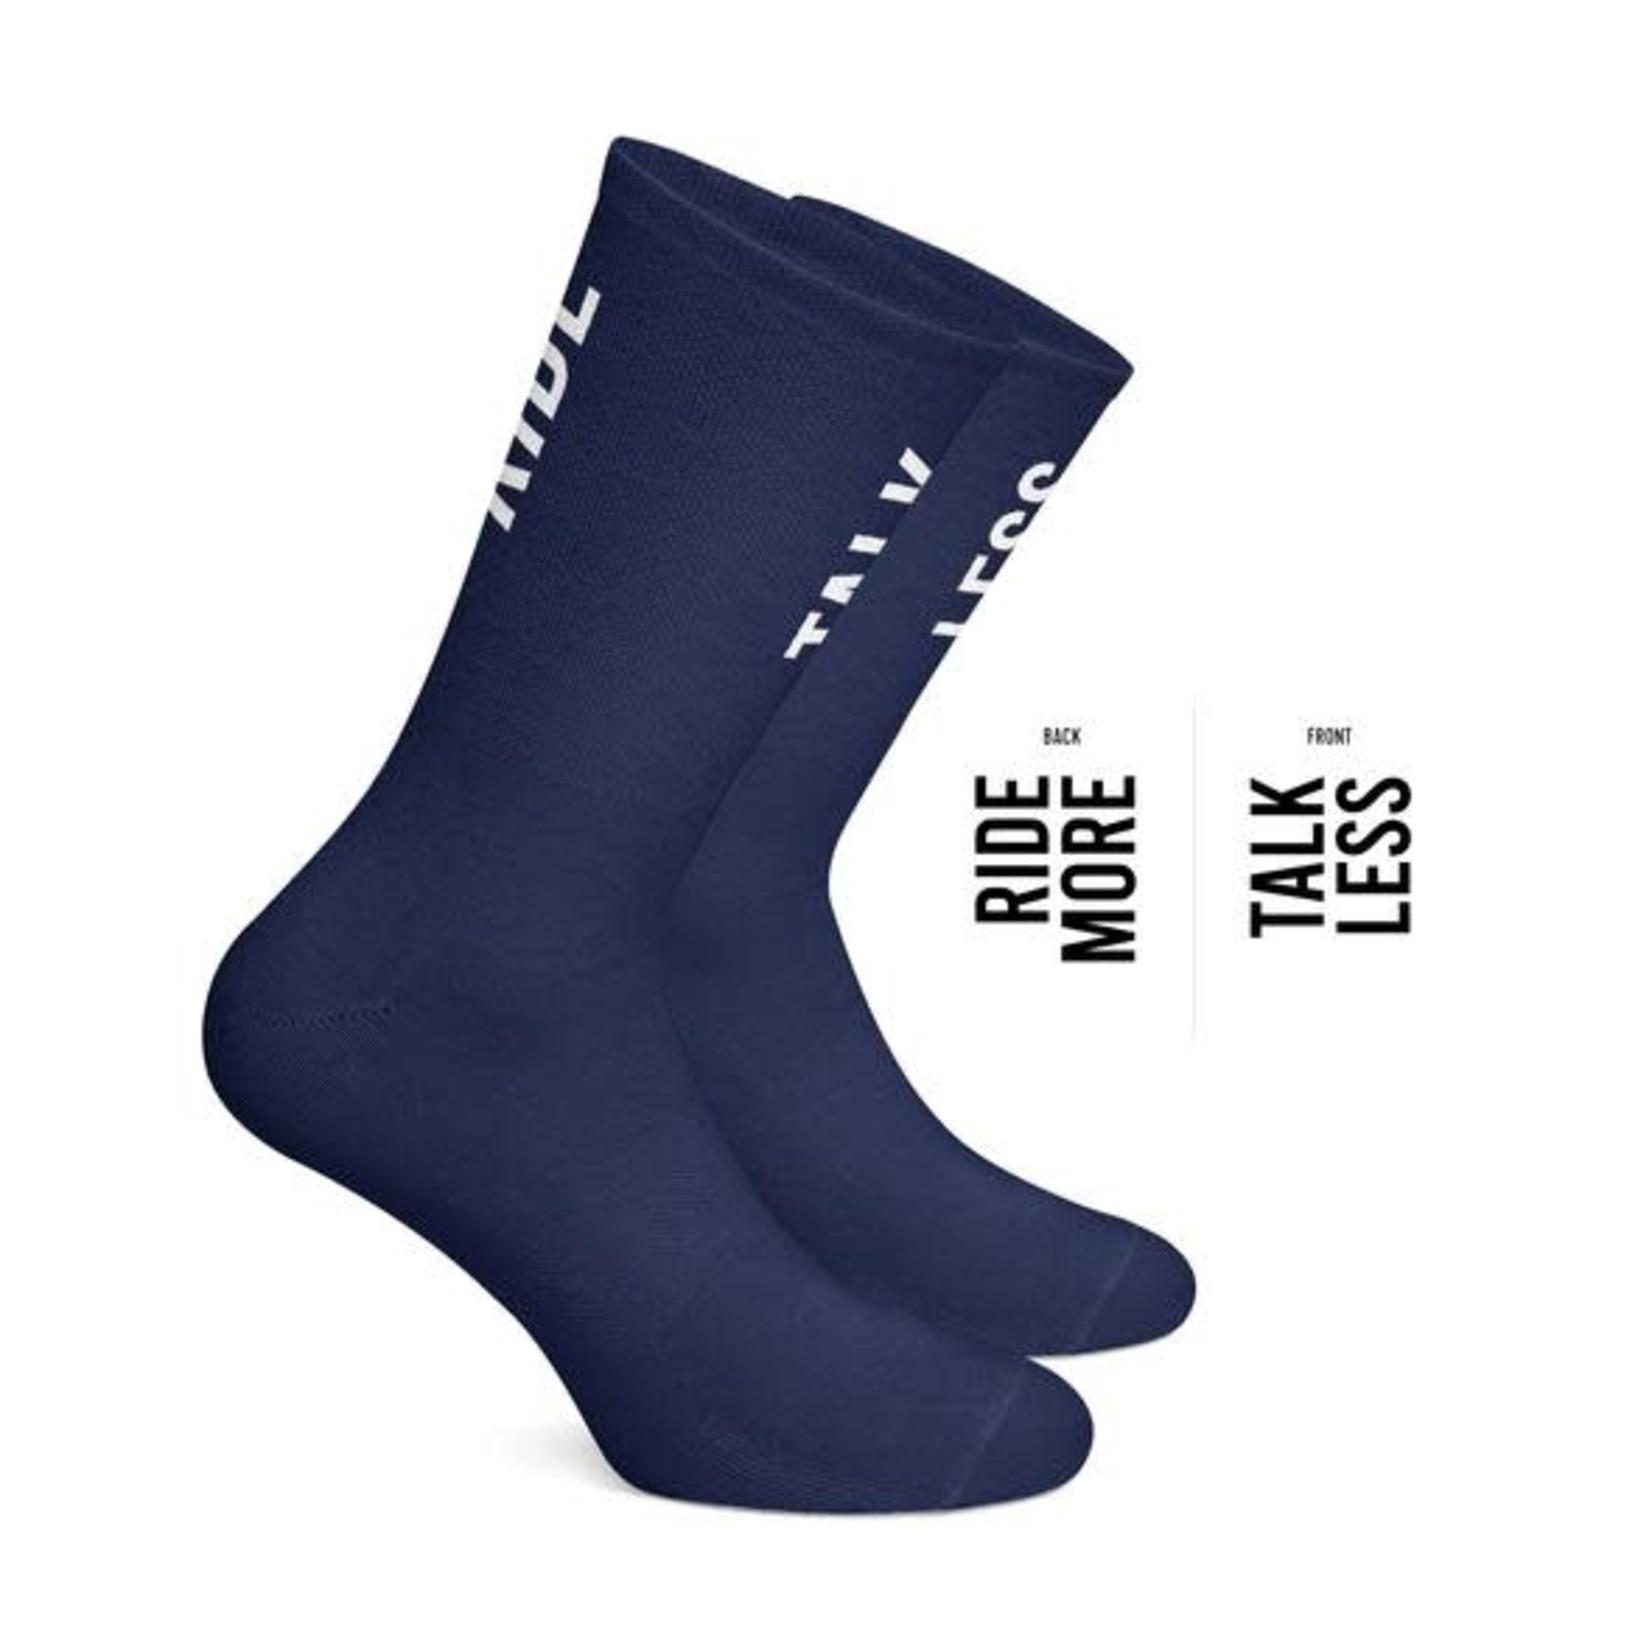 Socks-'Ride More Talk Less' navy